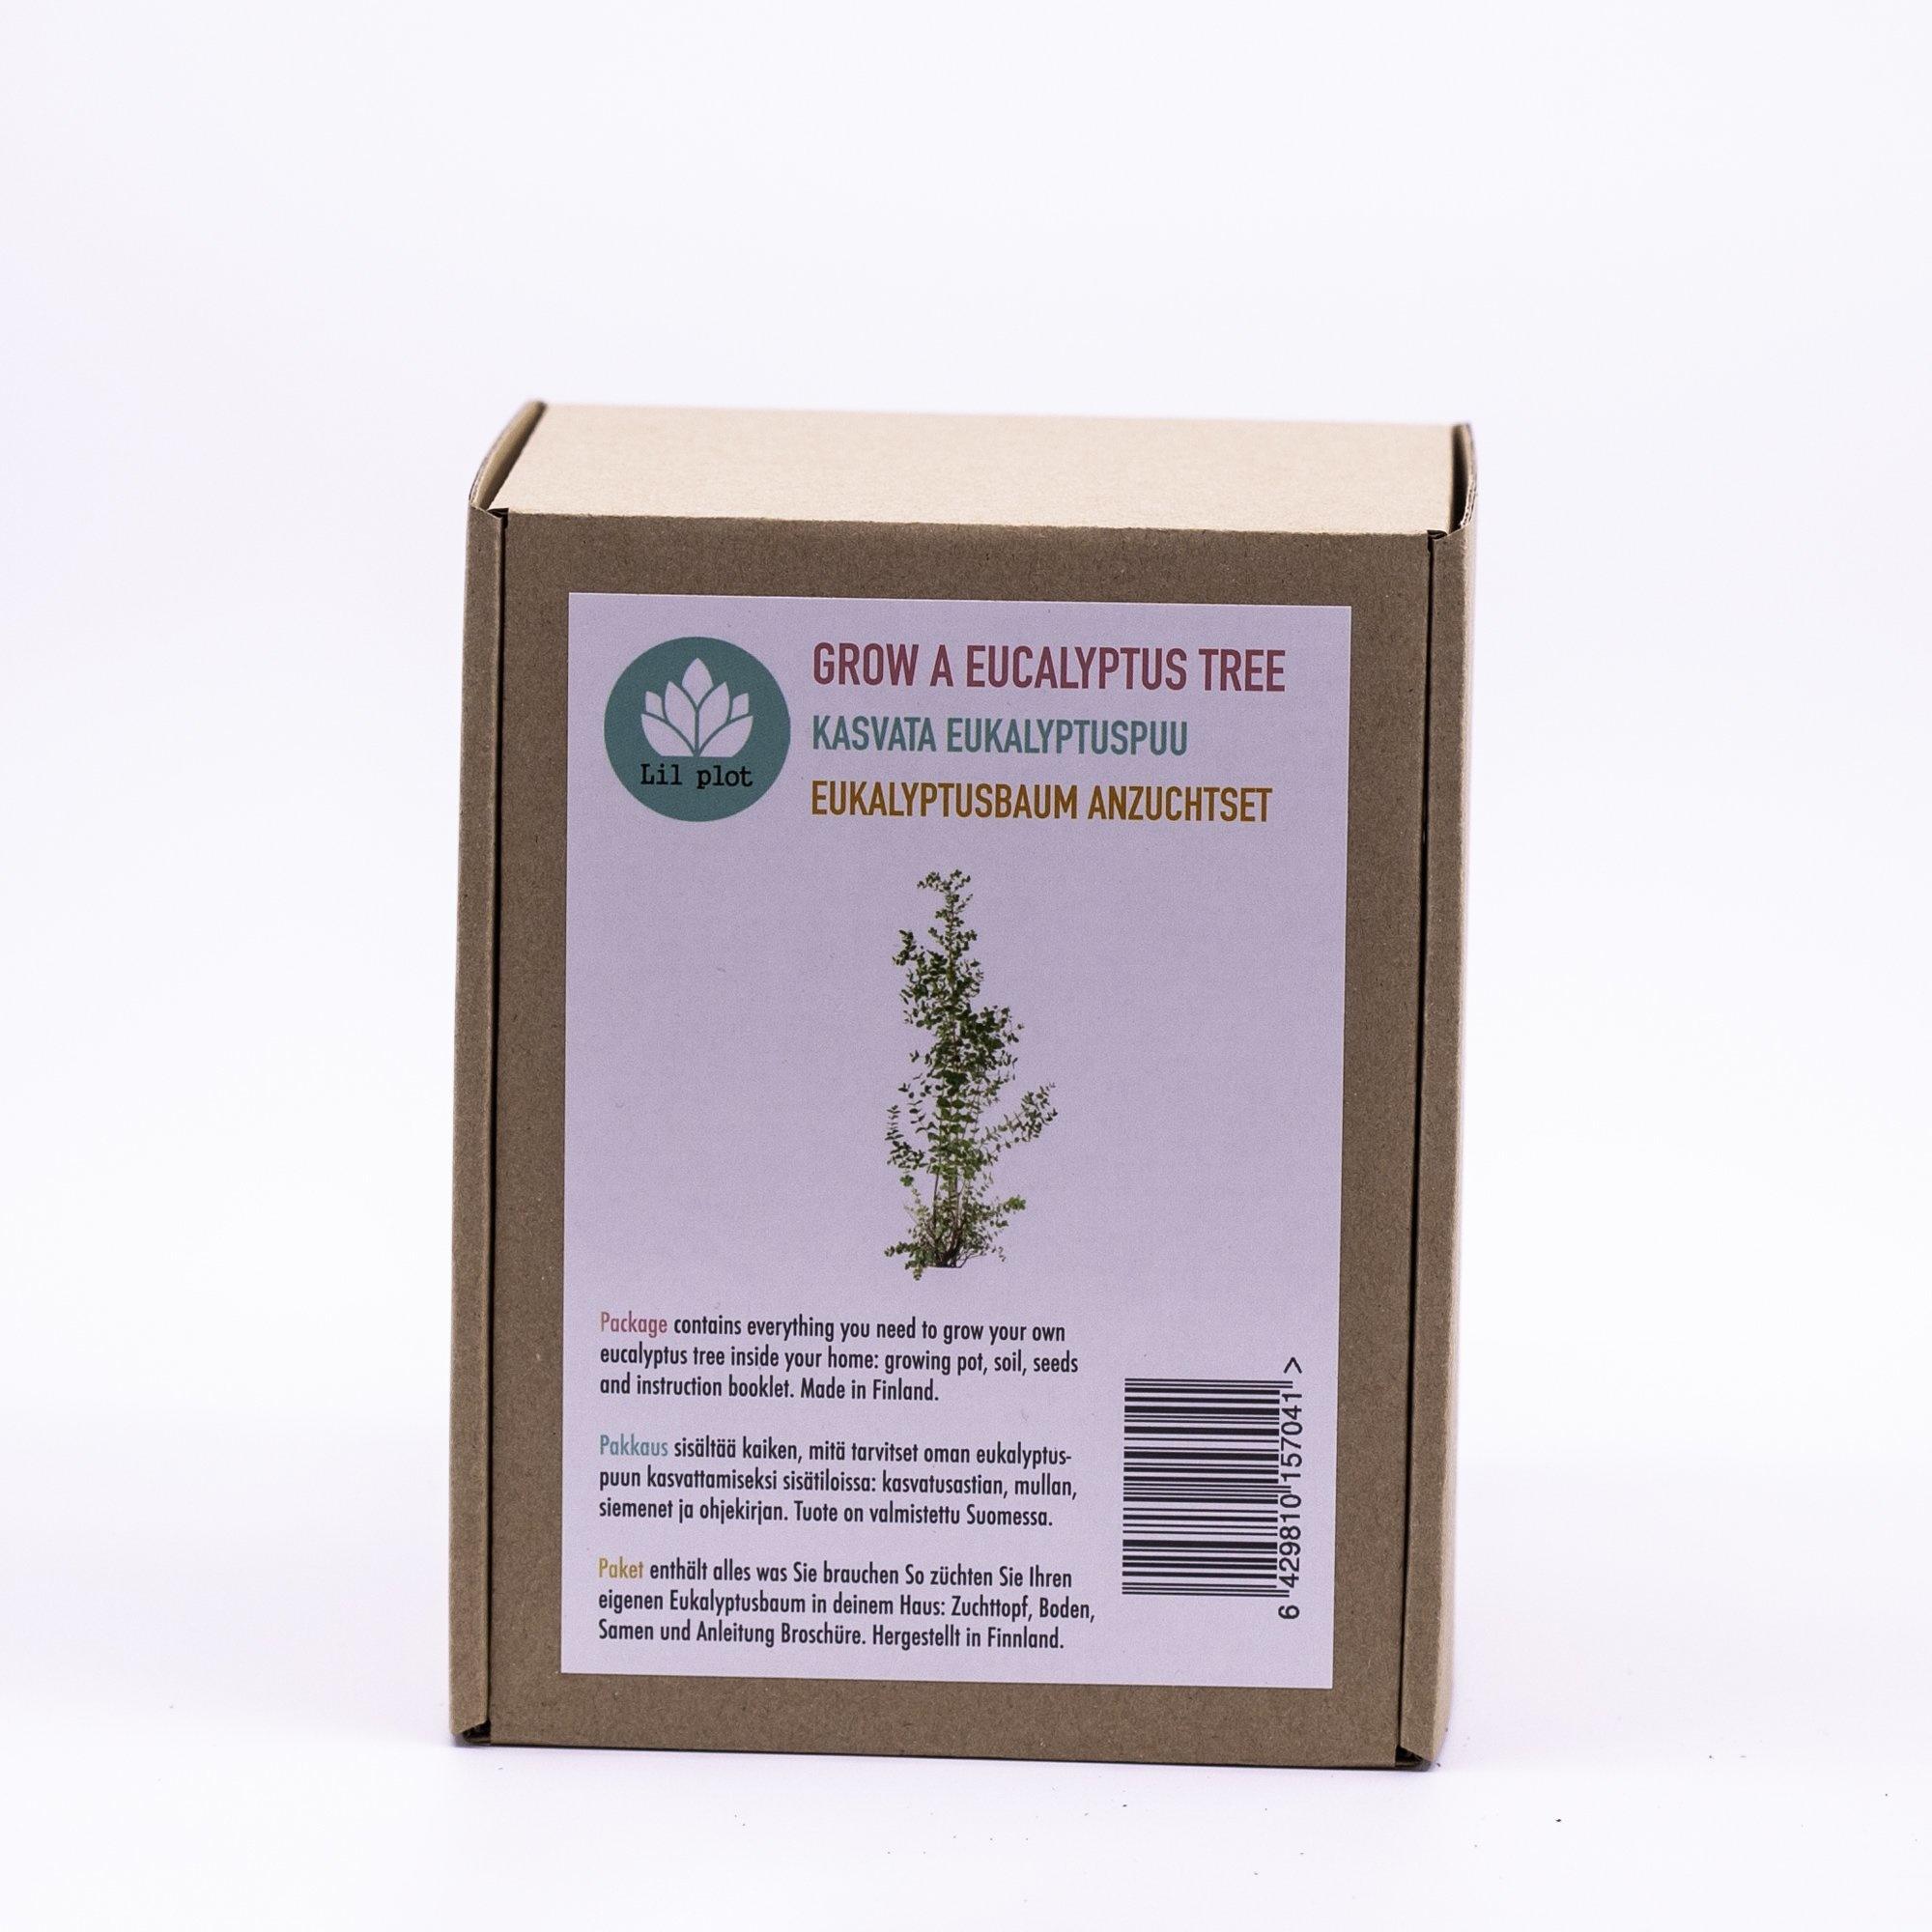 Eucalyptus Tree Growing Kit